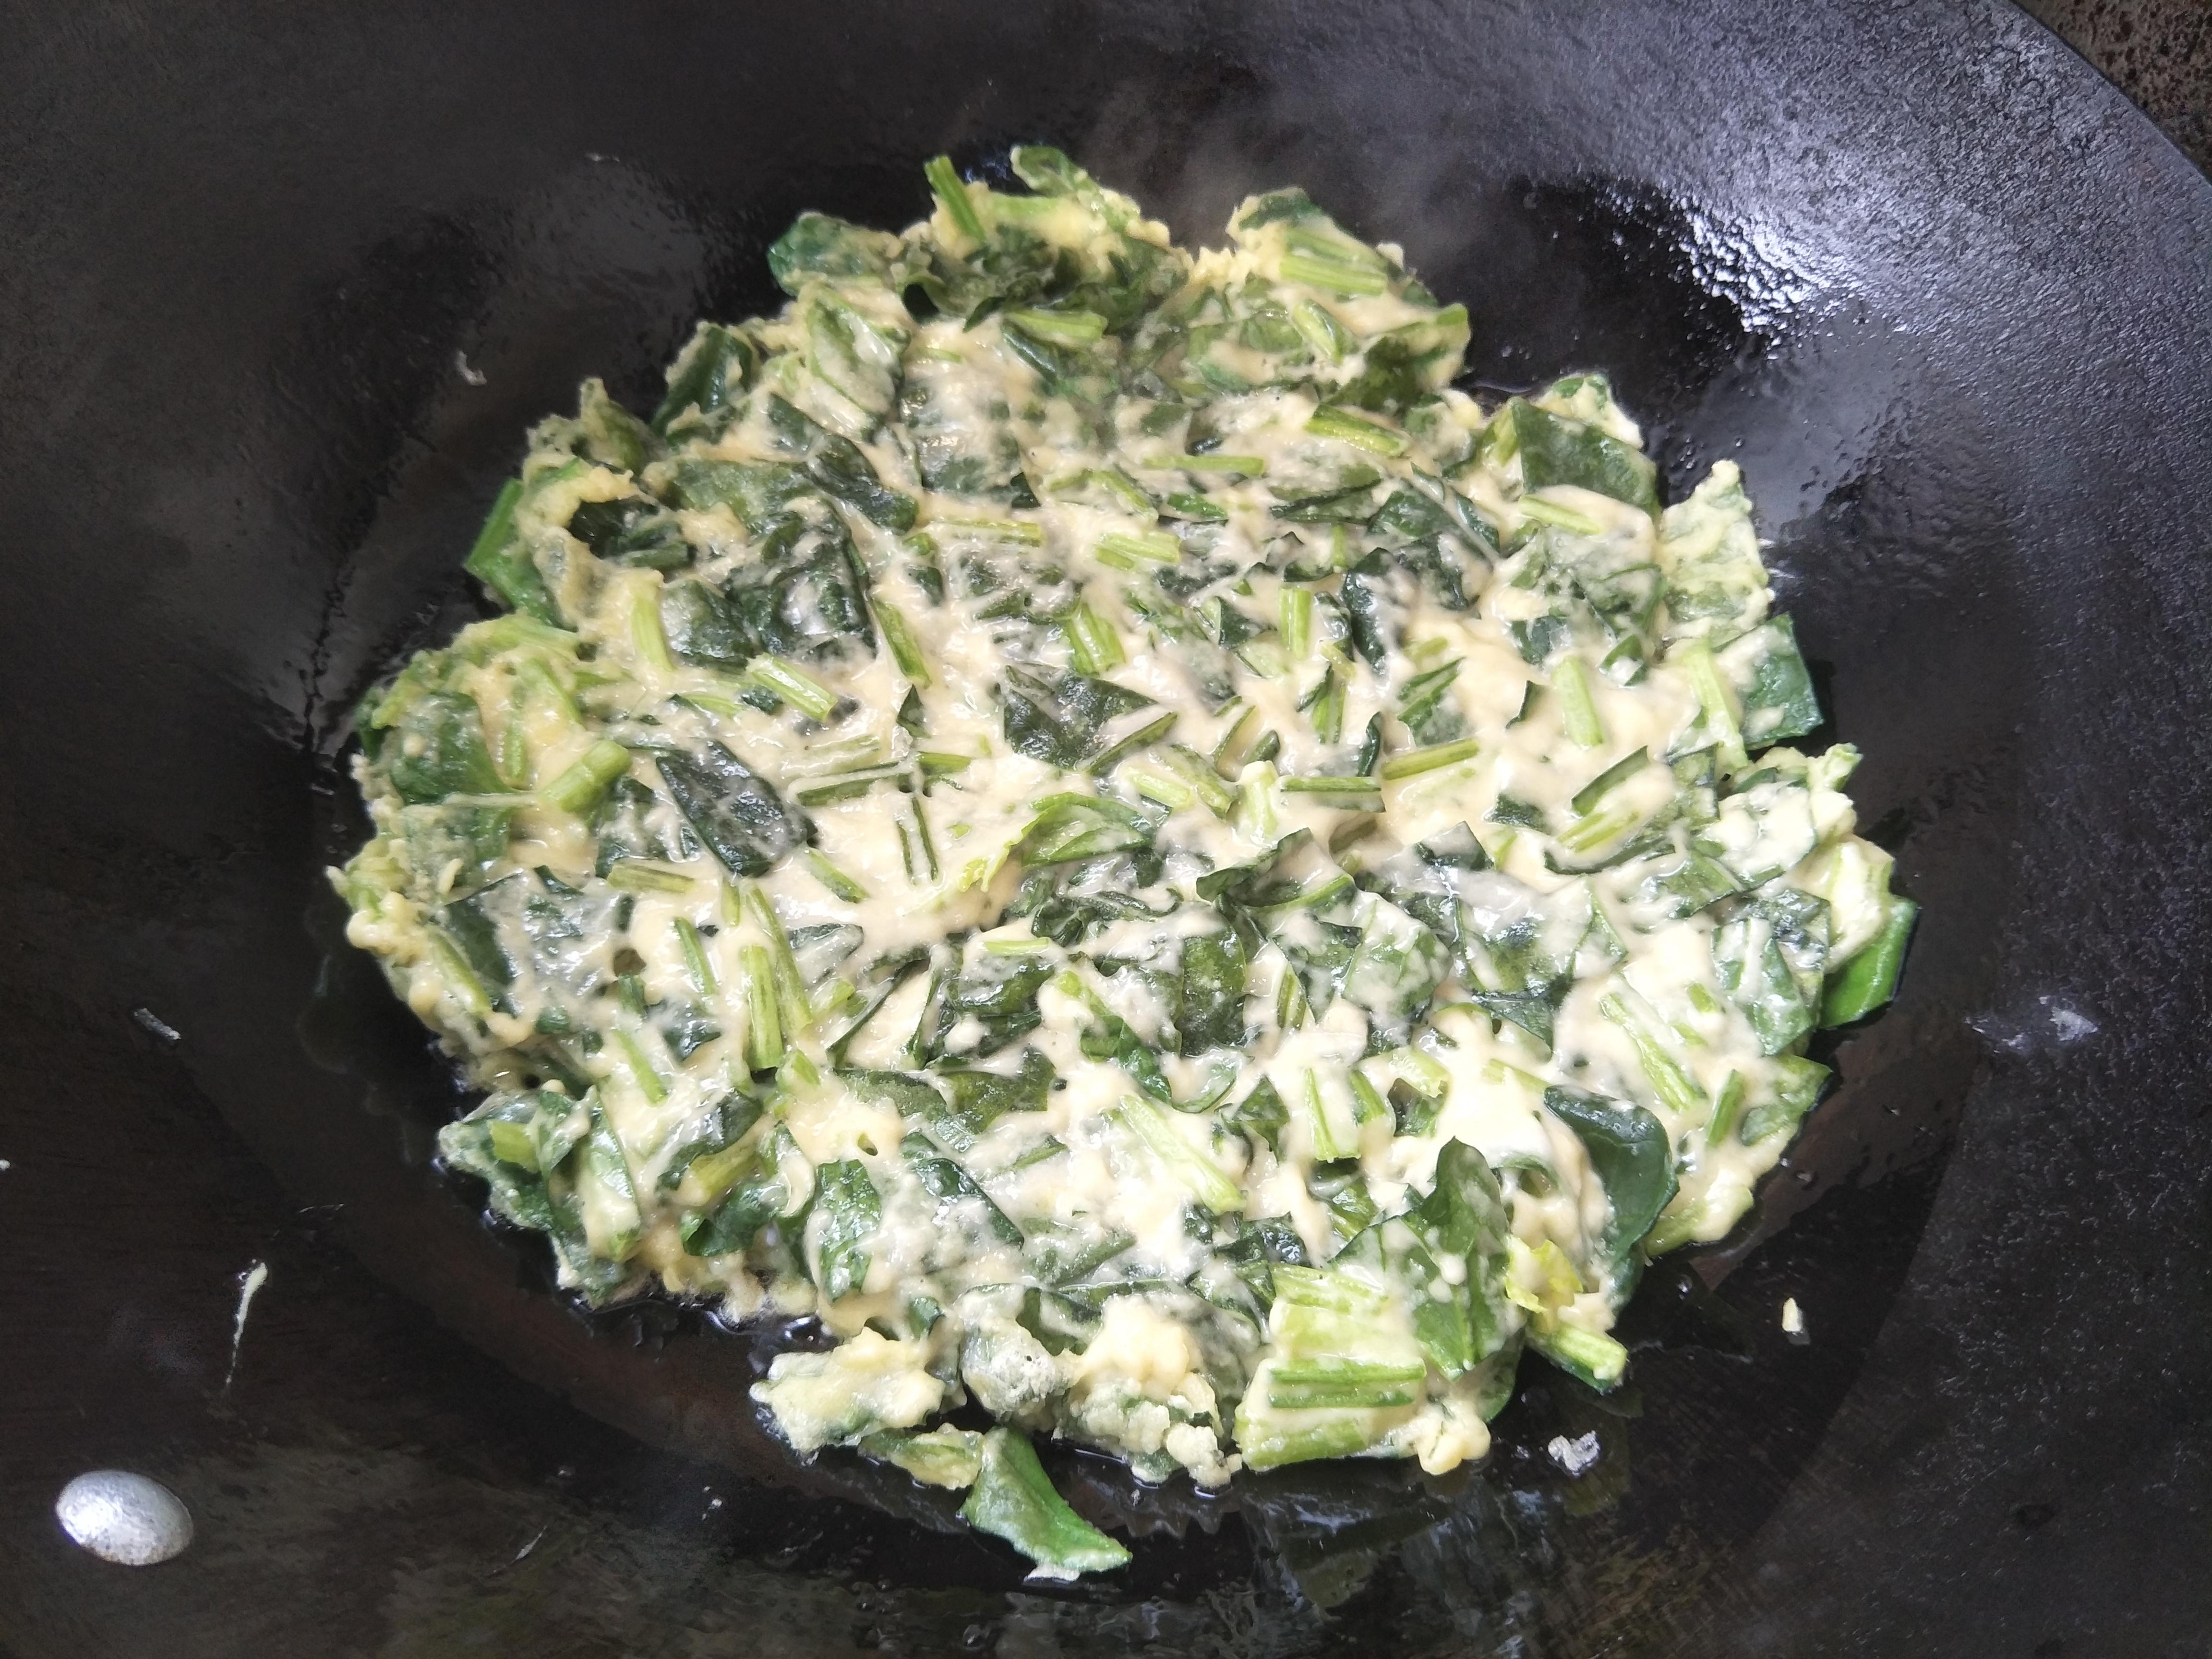 1把菠菜,2个鸡蛋,简单烹饪,上桌口感香浓,太好吃了 厨房烹饪 第8张